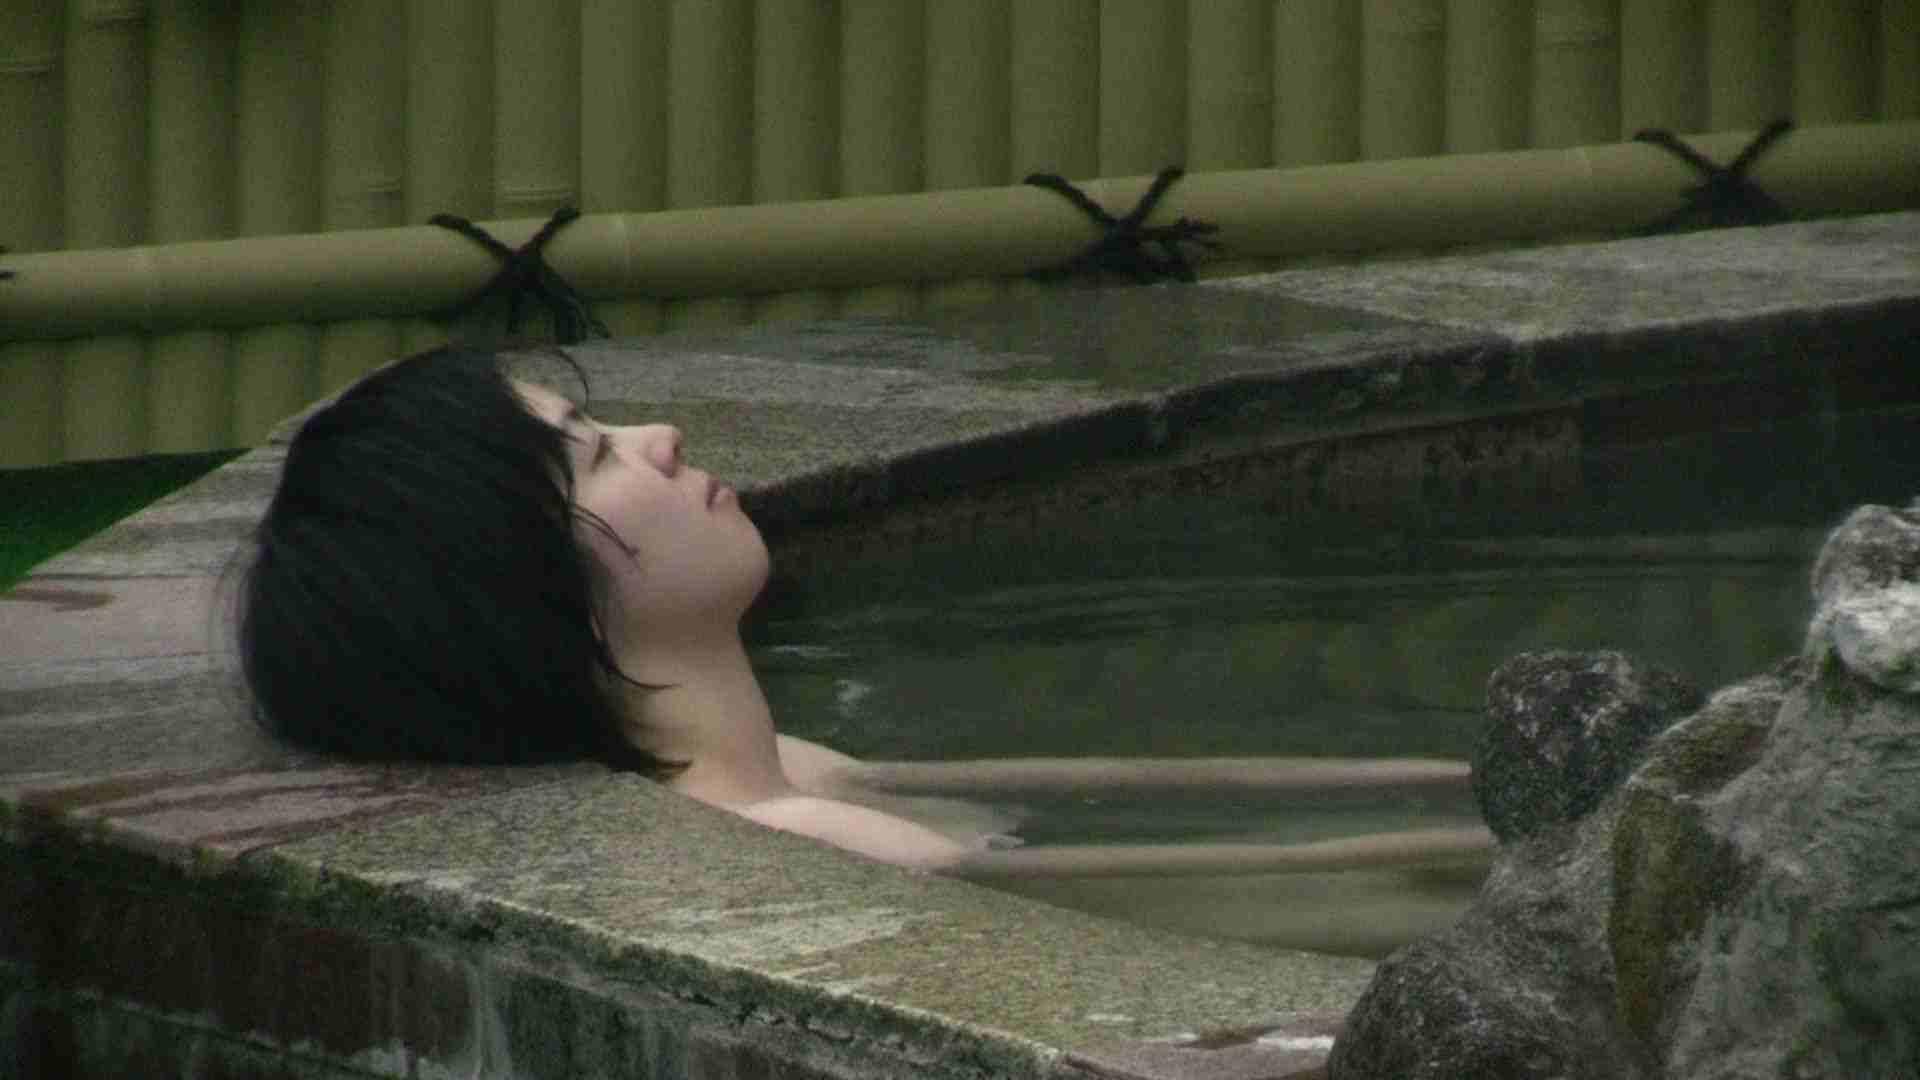 Aquaな露天風呂Vol.685 美しいOLの裸体 スケベ動画紹介 88pic 74